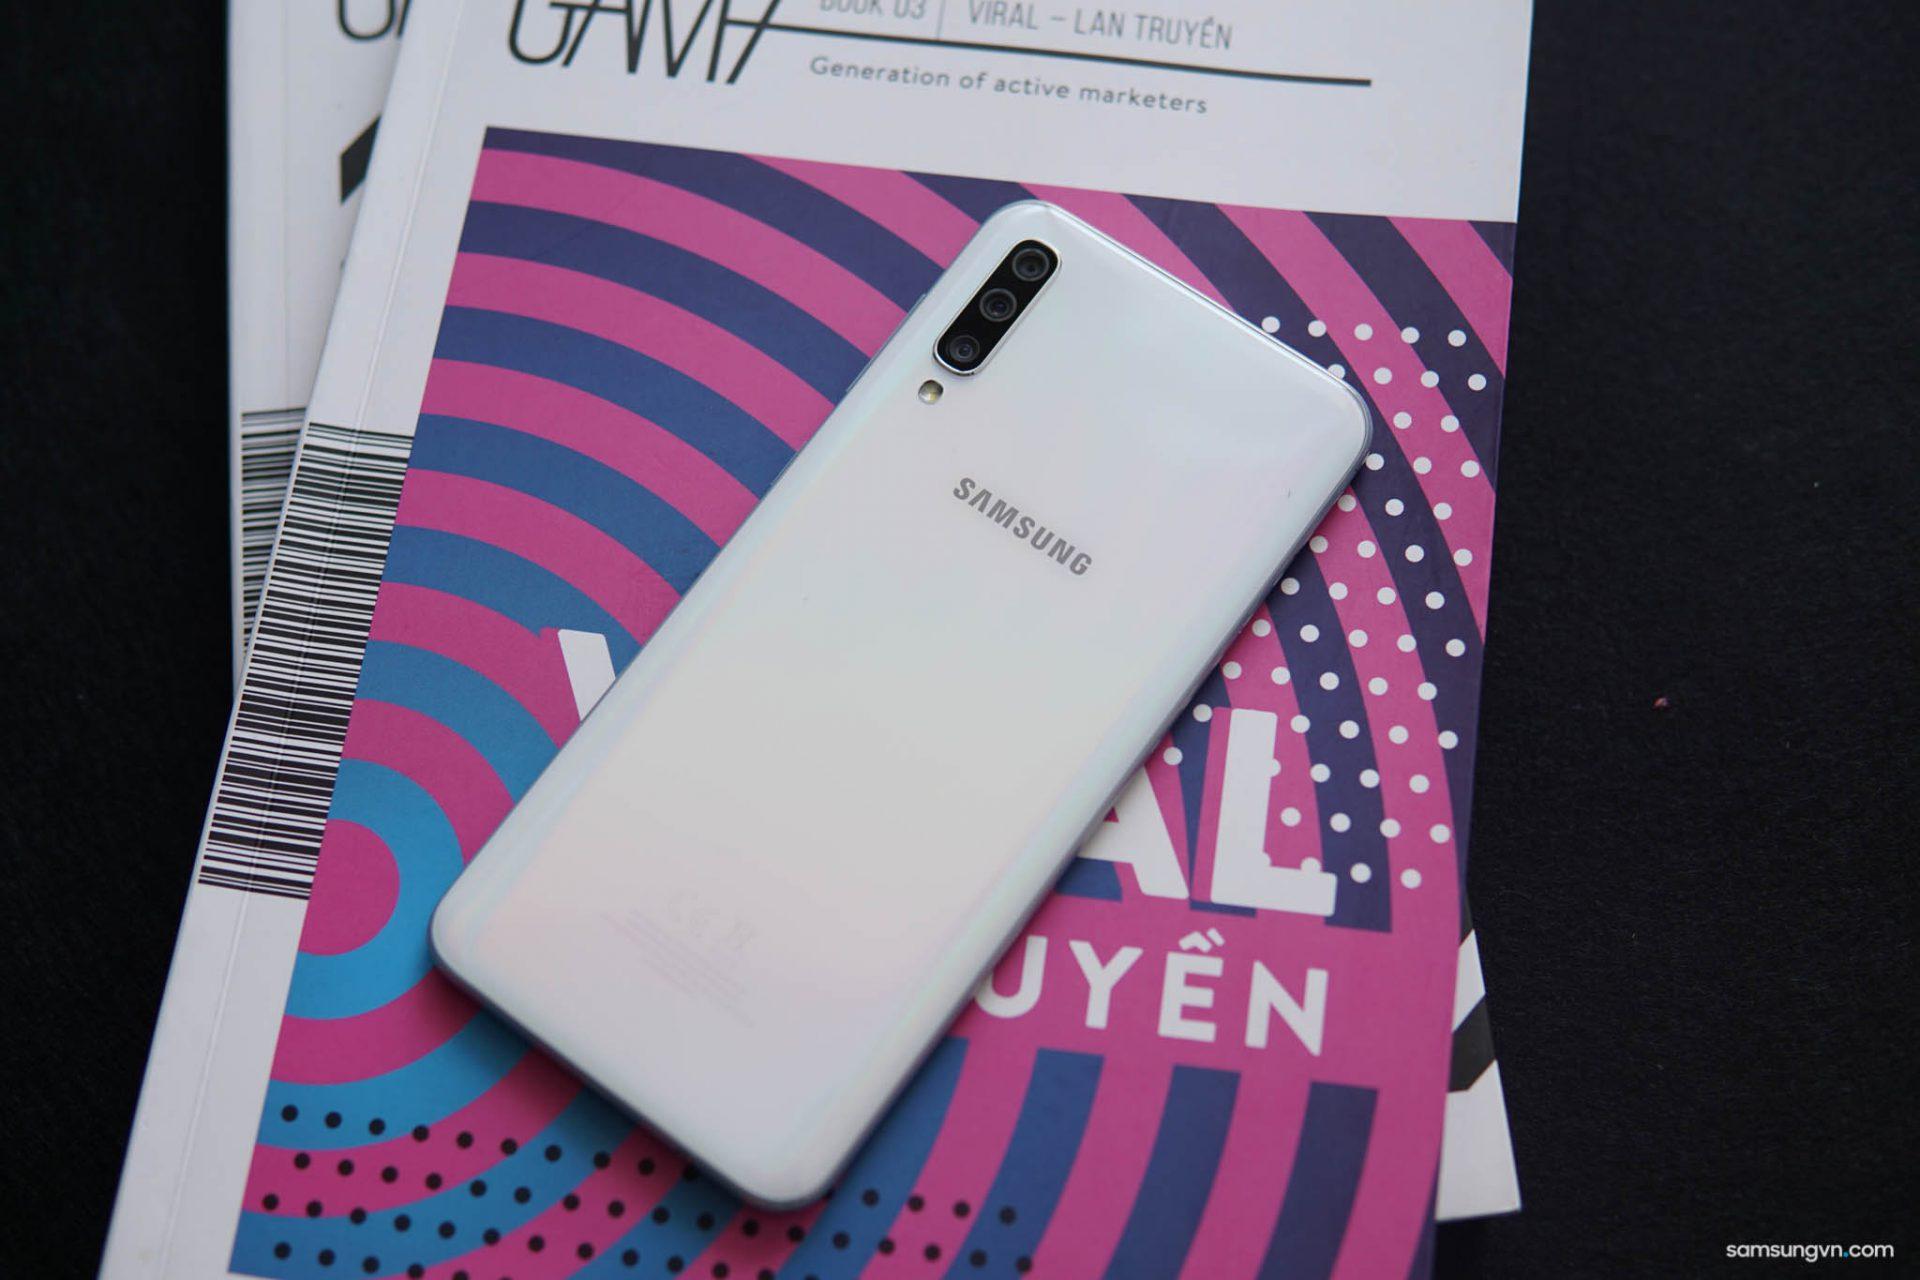 Mở hộp smartphone tầm trung hot nhất hiện nay Galaxy A50 Trắng ngọc trai (bản thương mại tại Việt Nam)